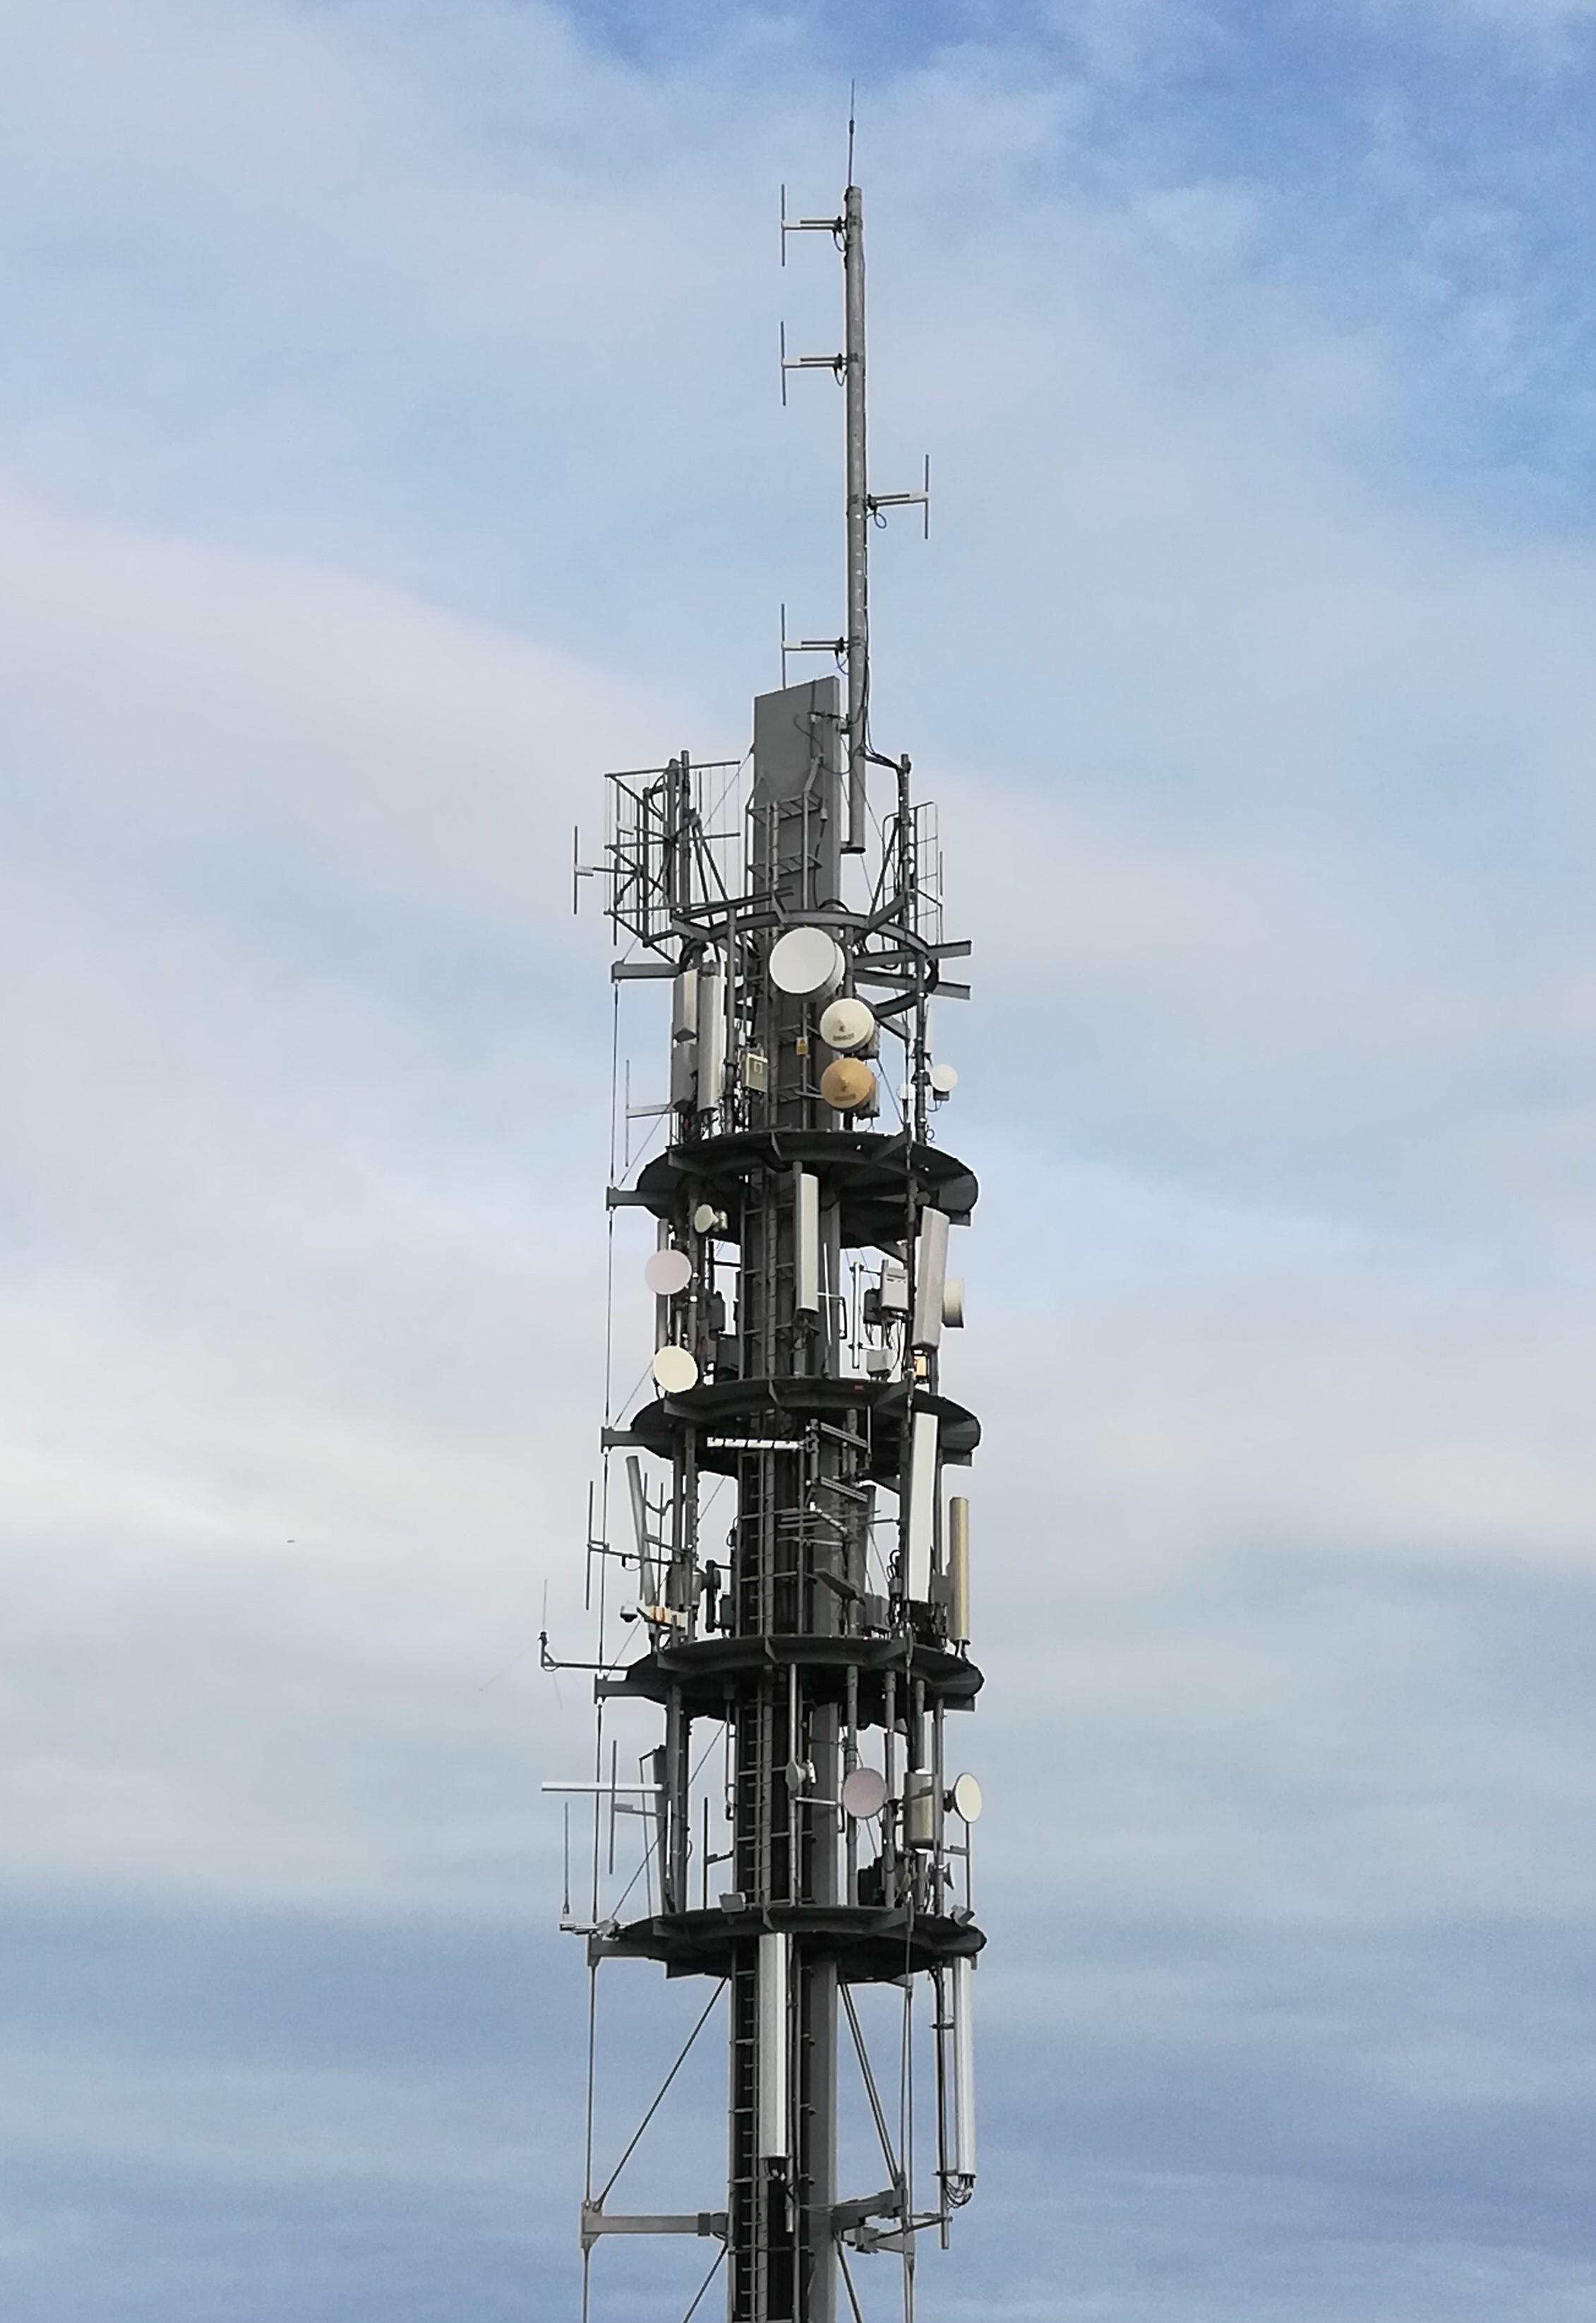 Antenne relais - 4G - TDF - Towercast - EDF - RMU-POCSAG